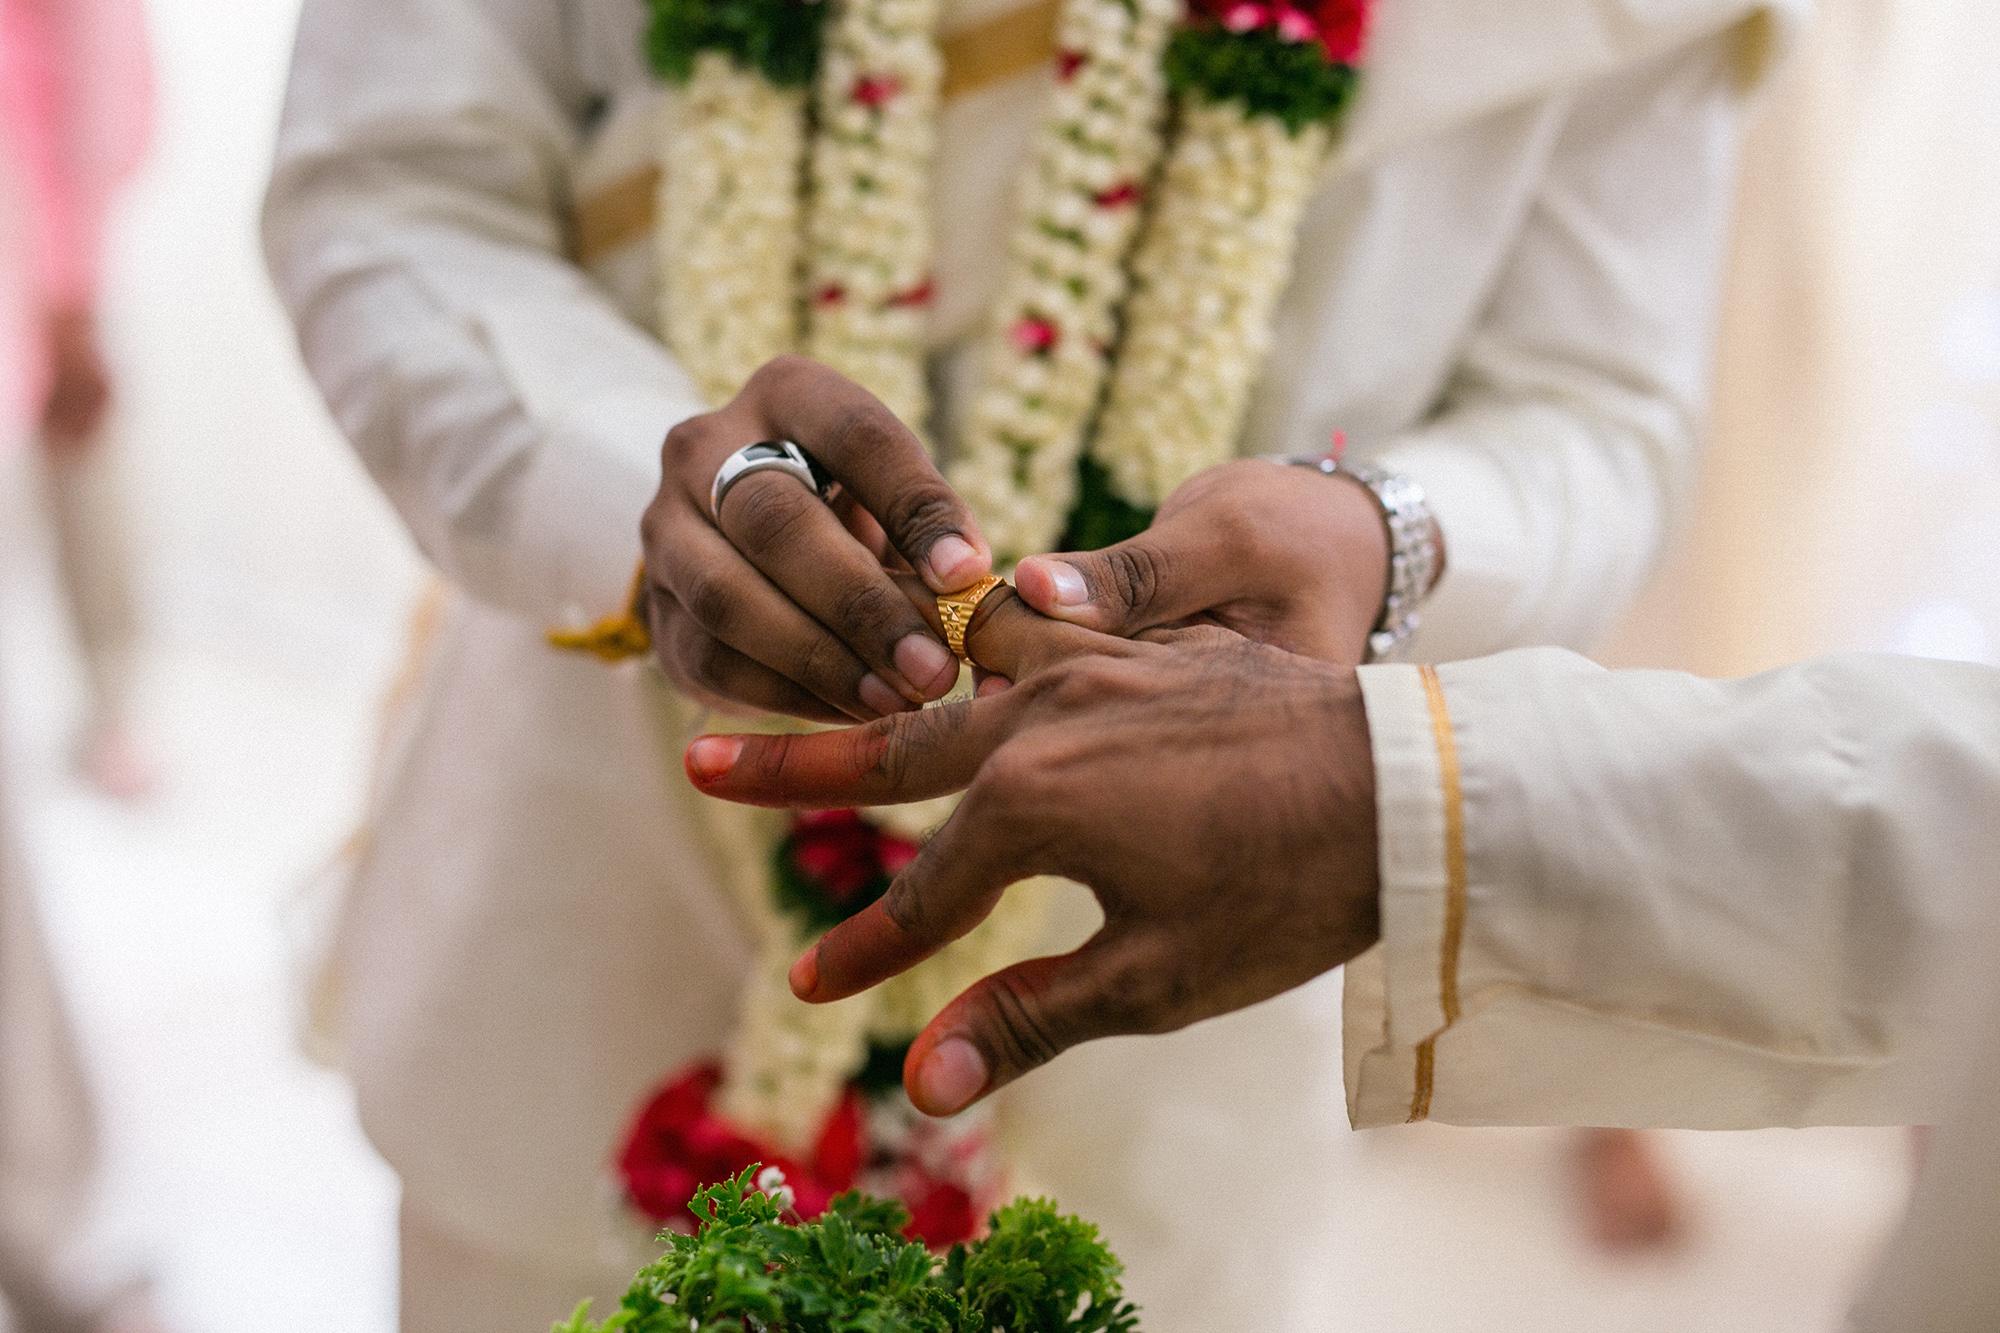 Groom wearing ring to groomsmaid